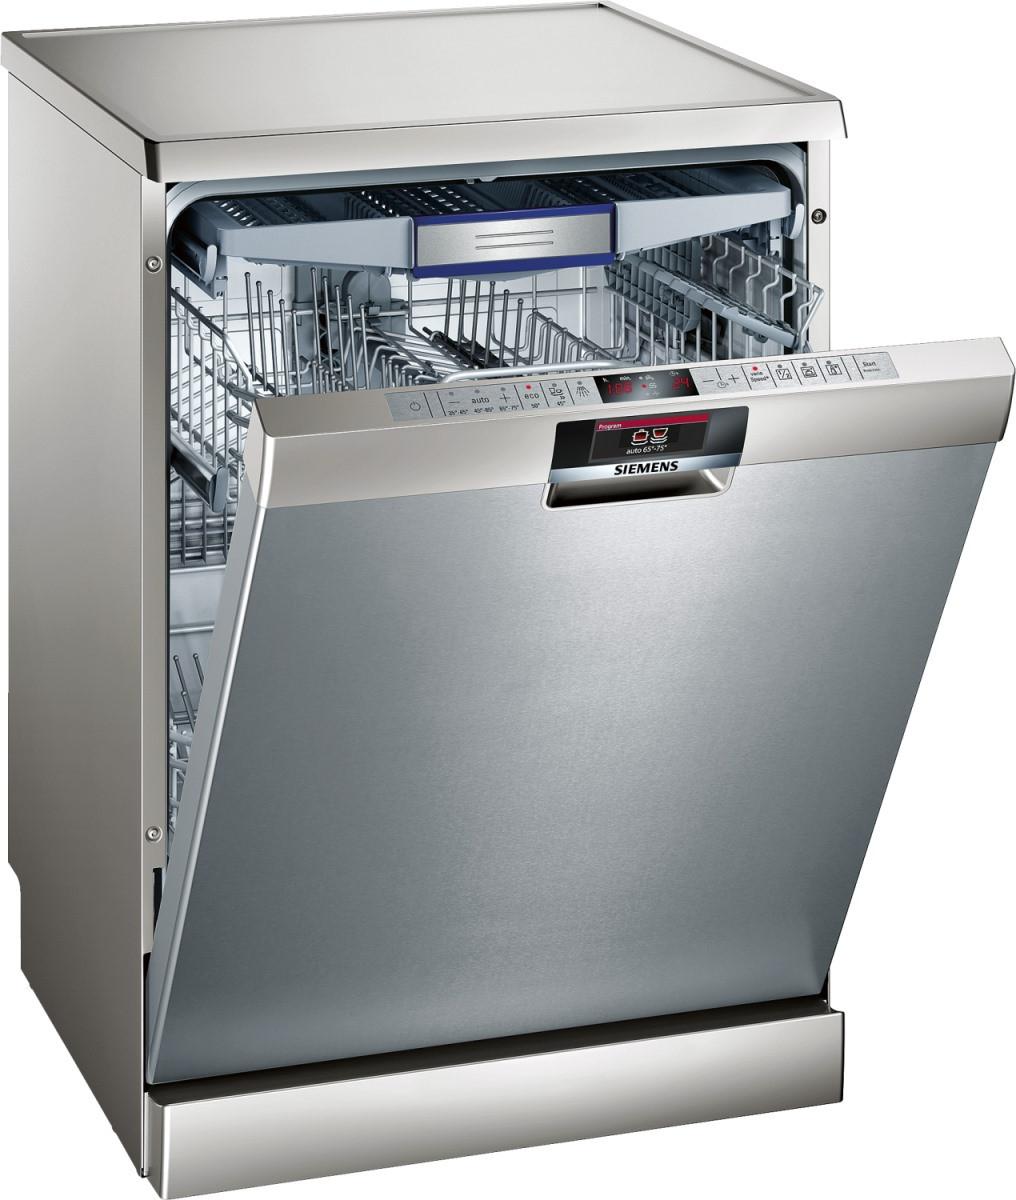 Посудомоечная машина Siemens SN 25N881 EU ( 60 см, встраиваемая, 12 комплектов )